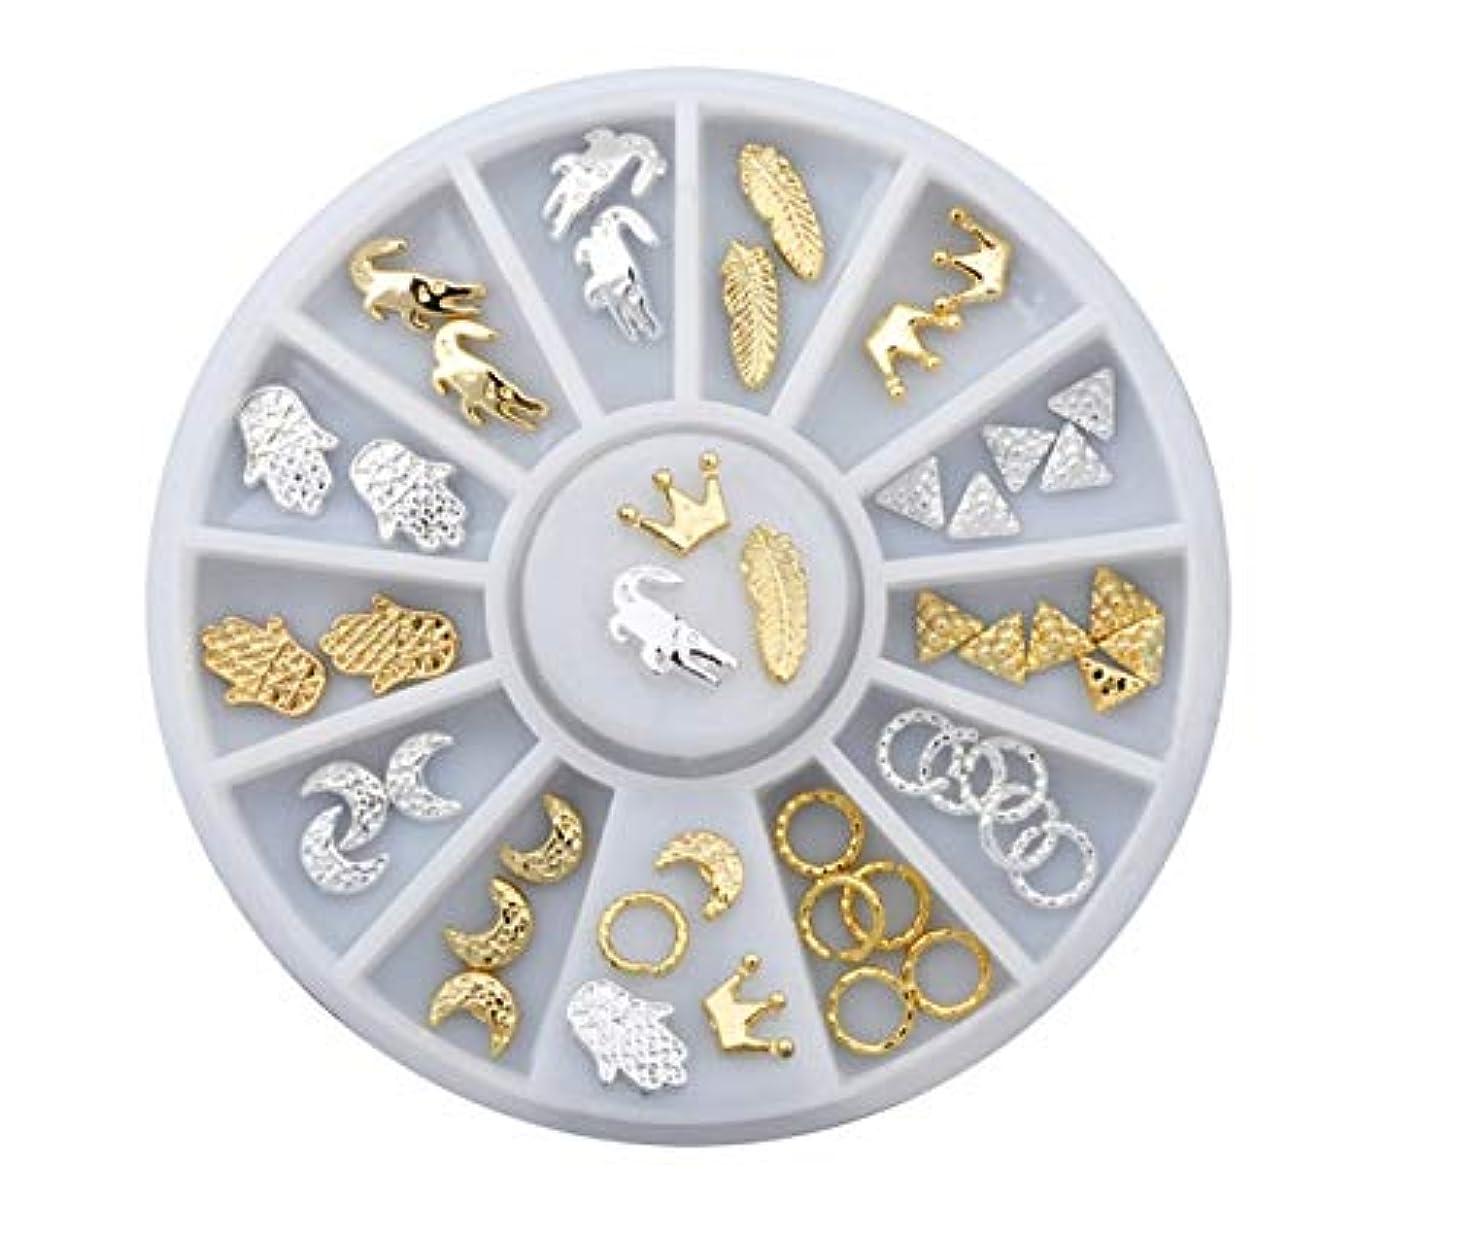 爆風ハウジング増幅Tianmey トライアングルスクエアゴールドメタルネイルアートスタッドネイルアートの装飾デザイン